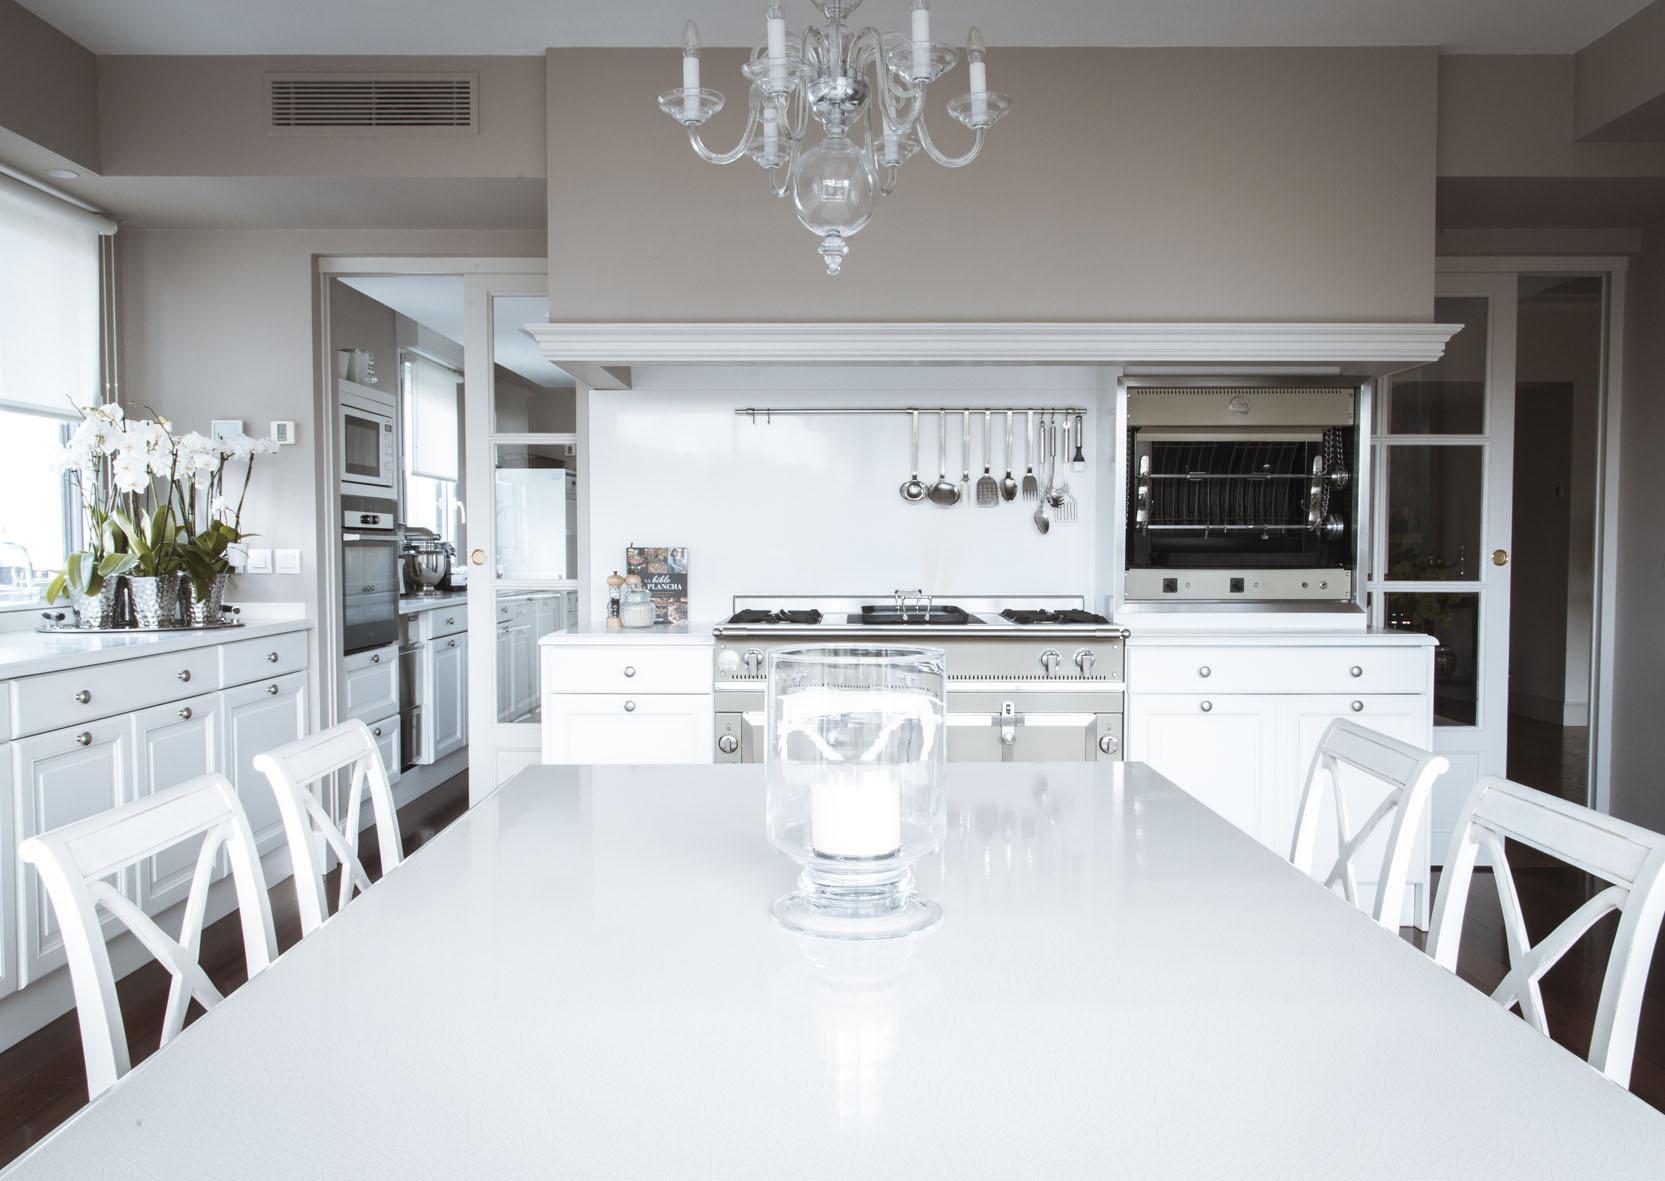 architecte d int rieur biarritz dalga decor d coration agencement fabrication. Black Bedroom Furniture Sets. Home Design Ideas